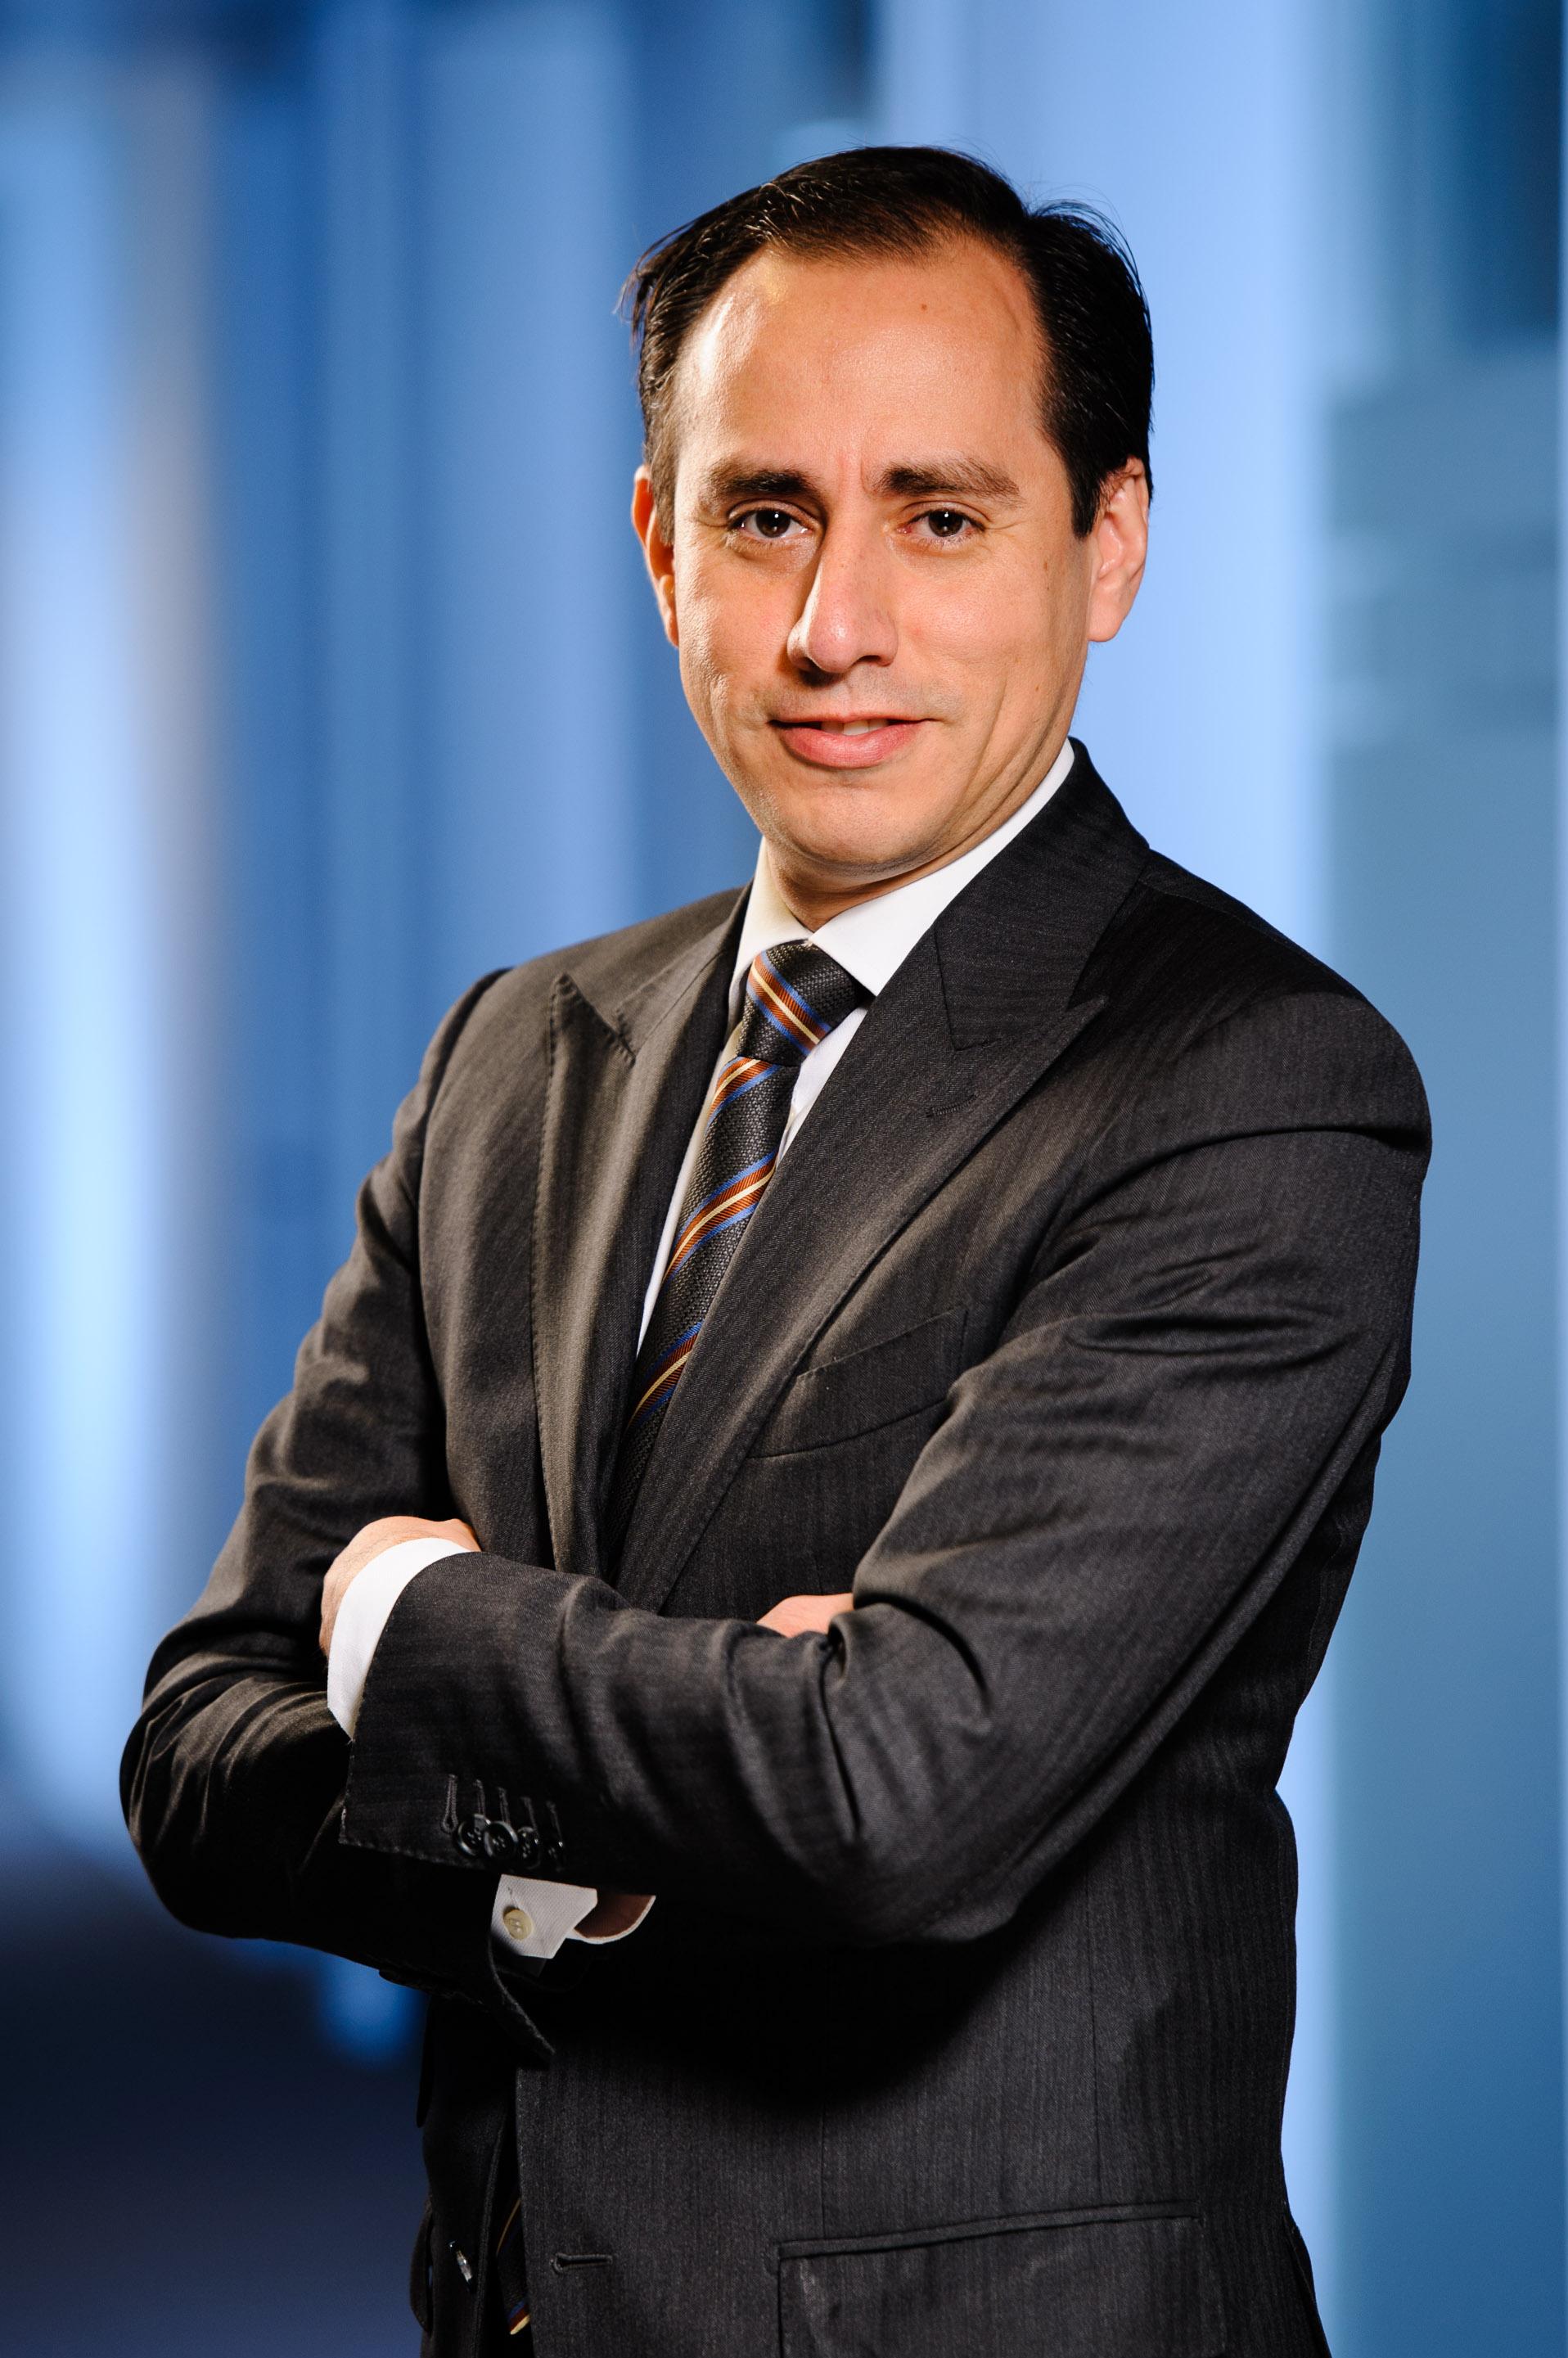 Francisco Saravia